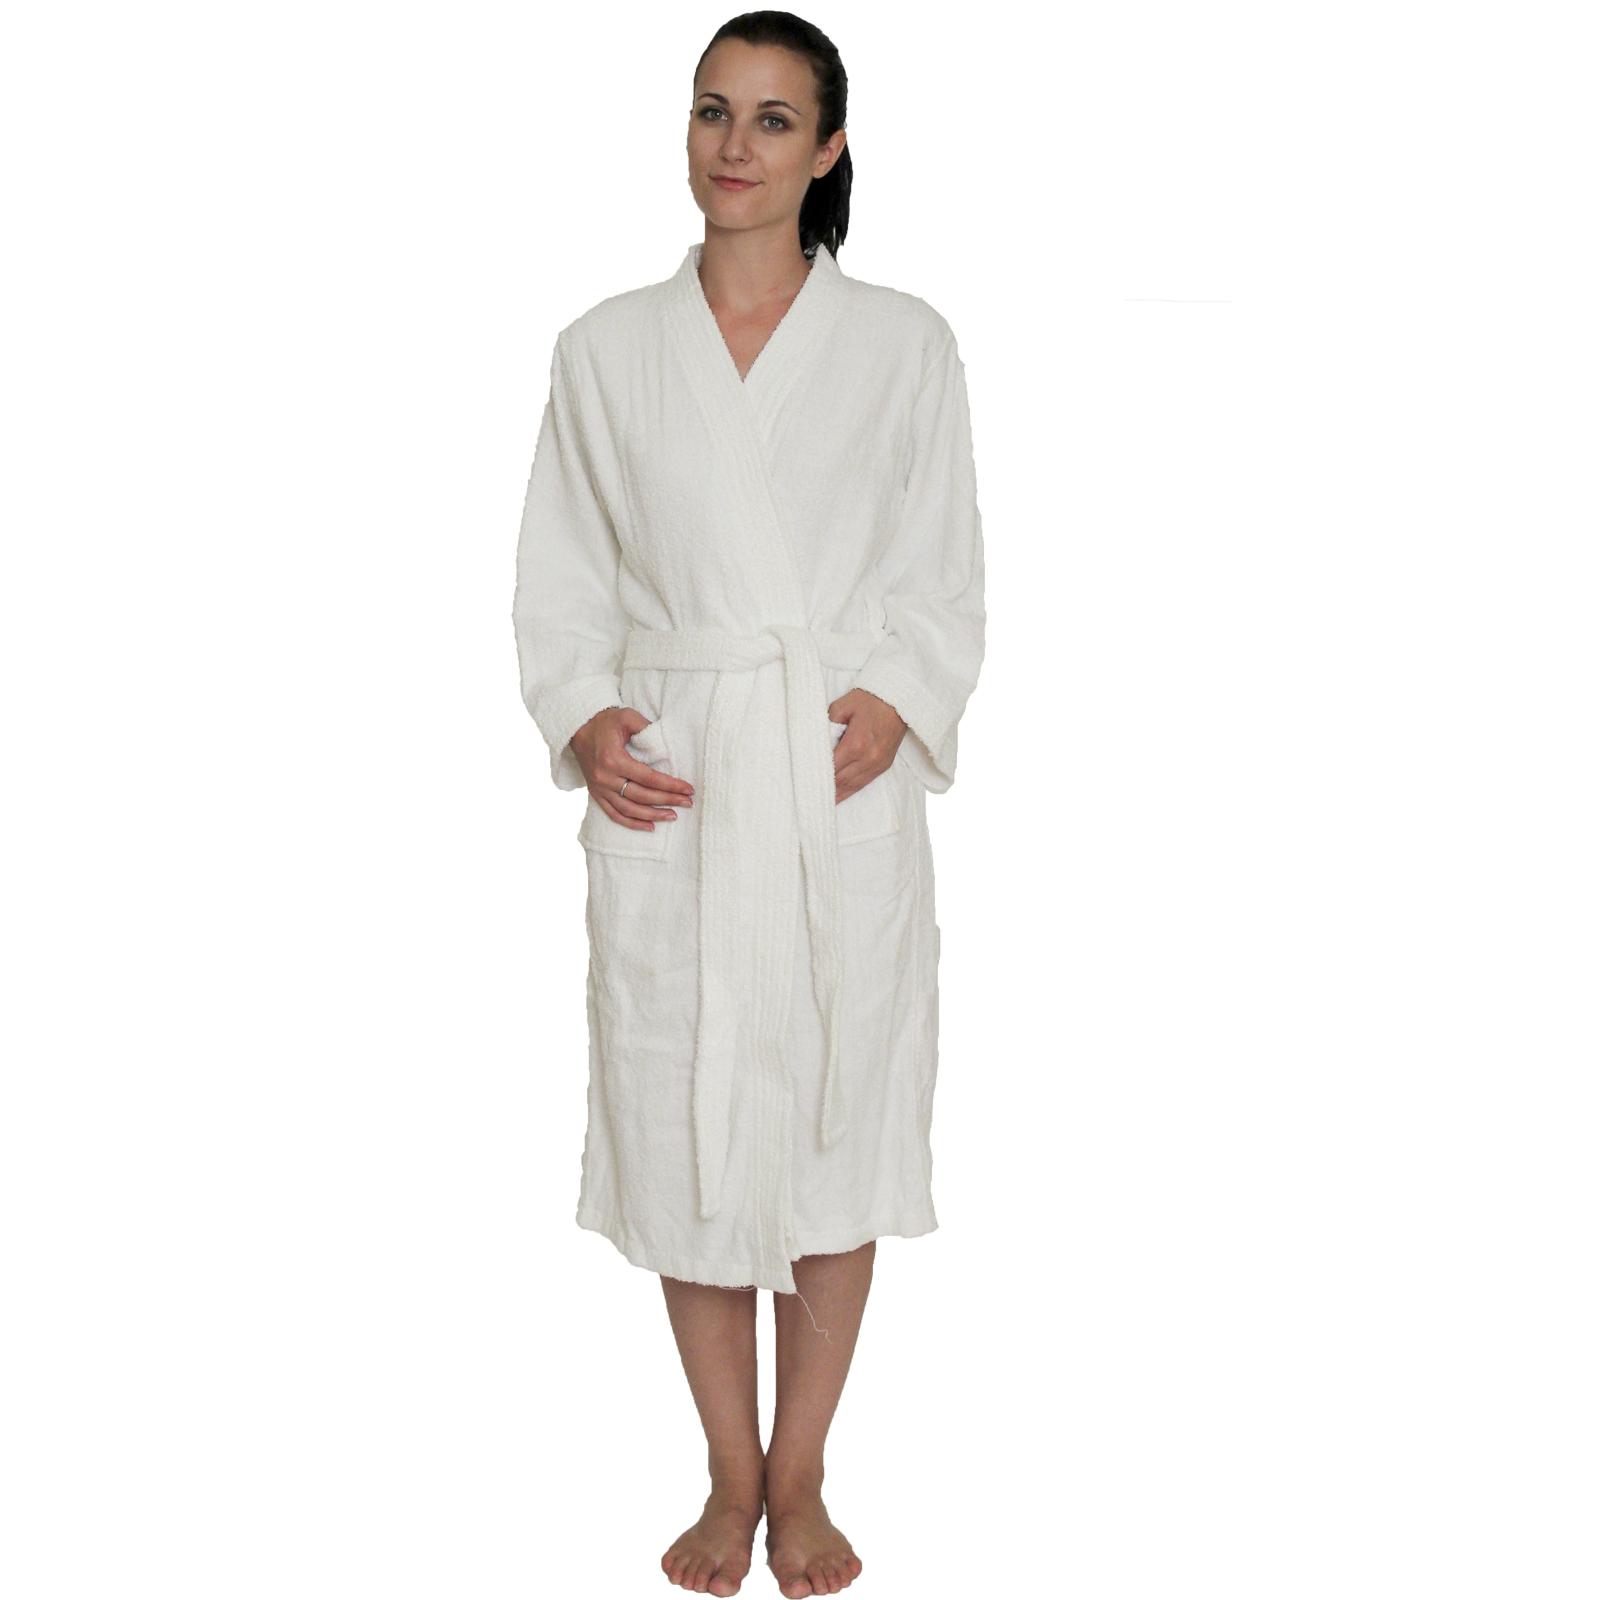 White · Men s and Women s Terry Cloth Kimono Robe 100% cotton Colors   Mint-2X  White · Men s and Women s ... 049aefbdb